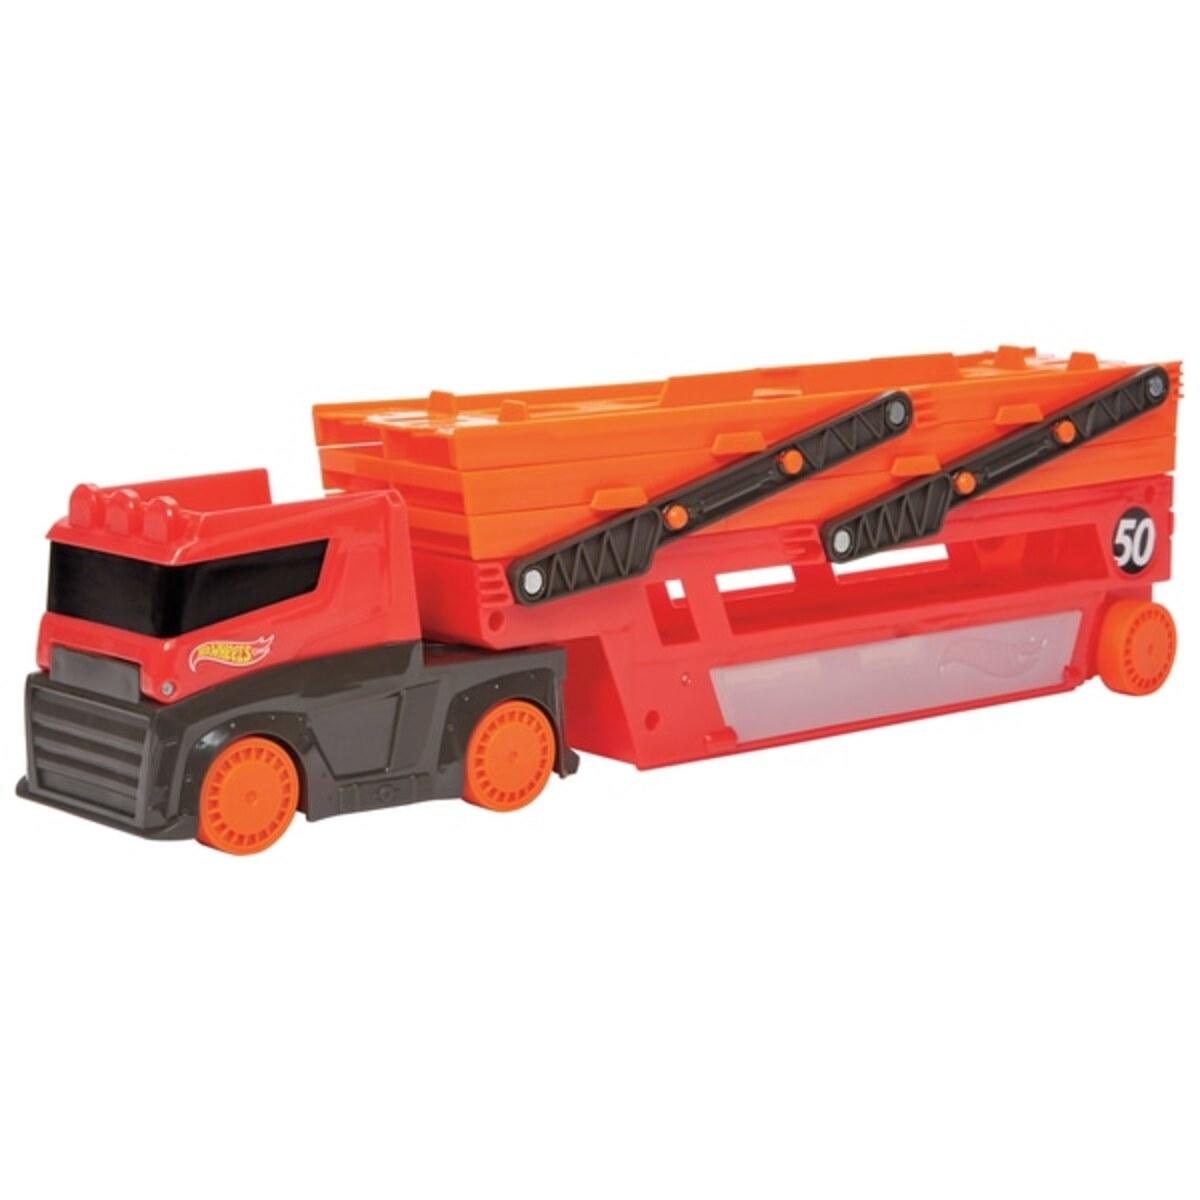 Bild 1 von Hot Wheels - Mega-Truck